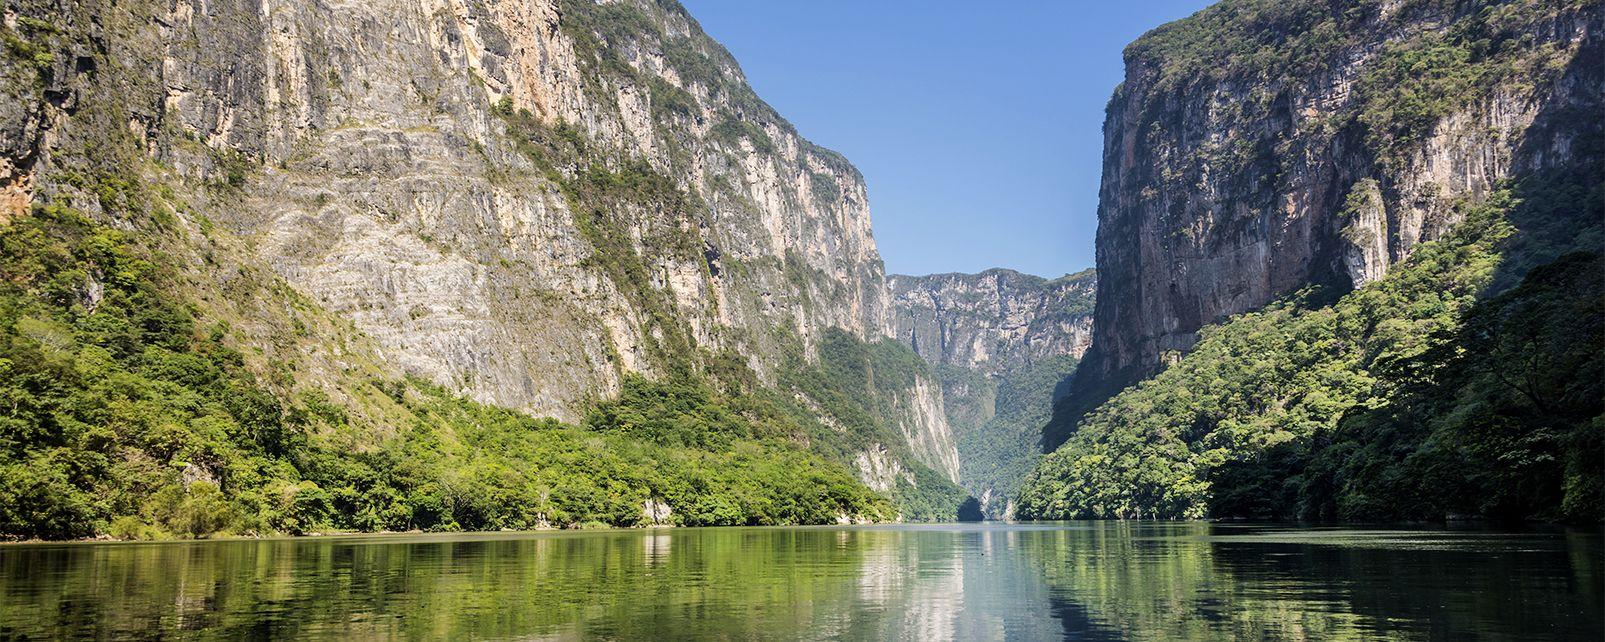 Les paysages, méxique amérique canyon sumidero Chiapas